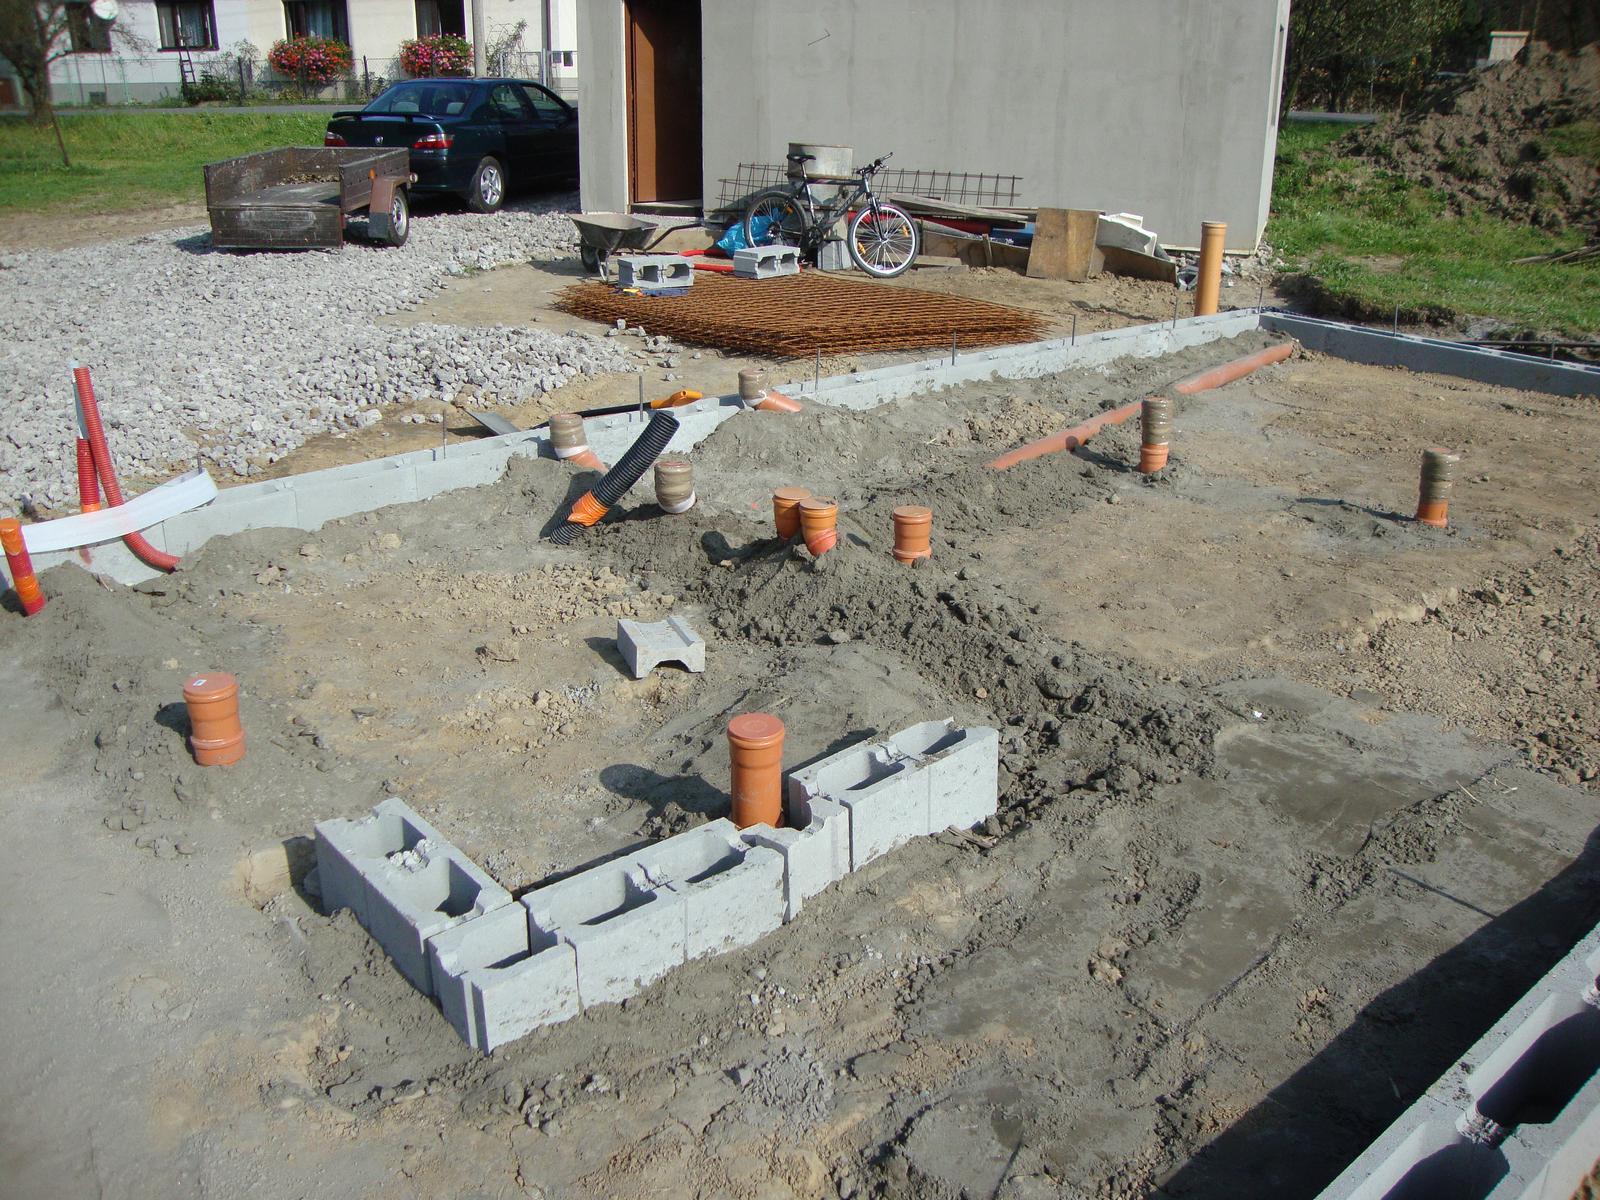 Efektivní bydlení - víčka kanalizace jsou zapuštěné 1-2cm pod horní úroveň betonu